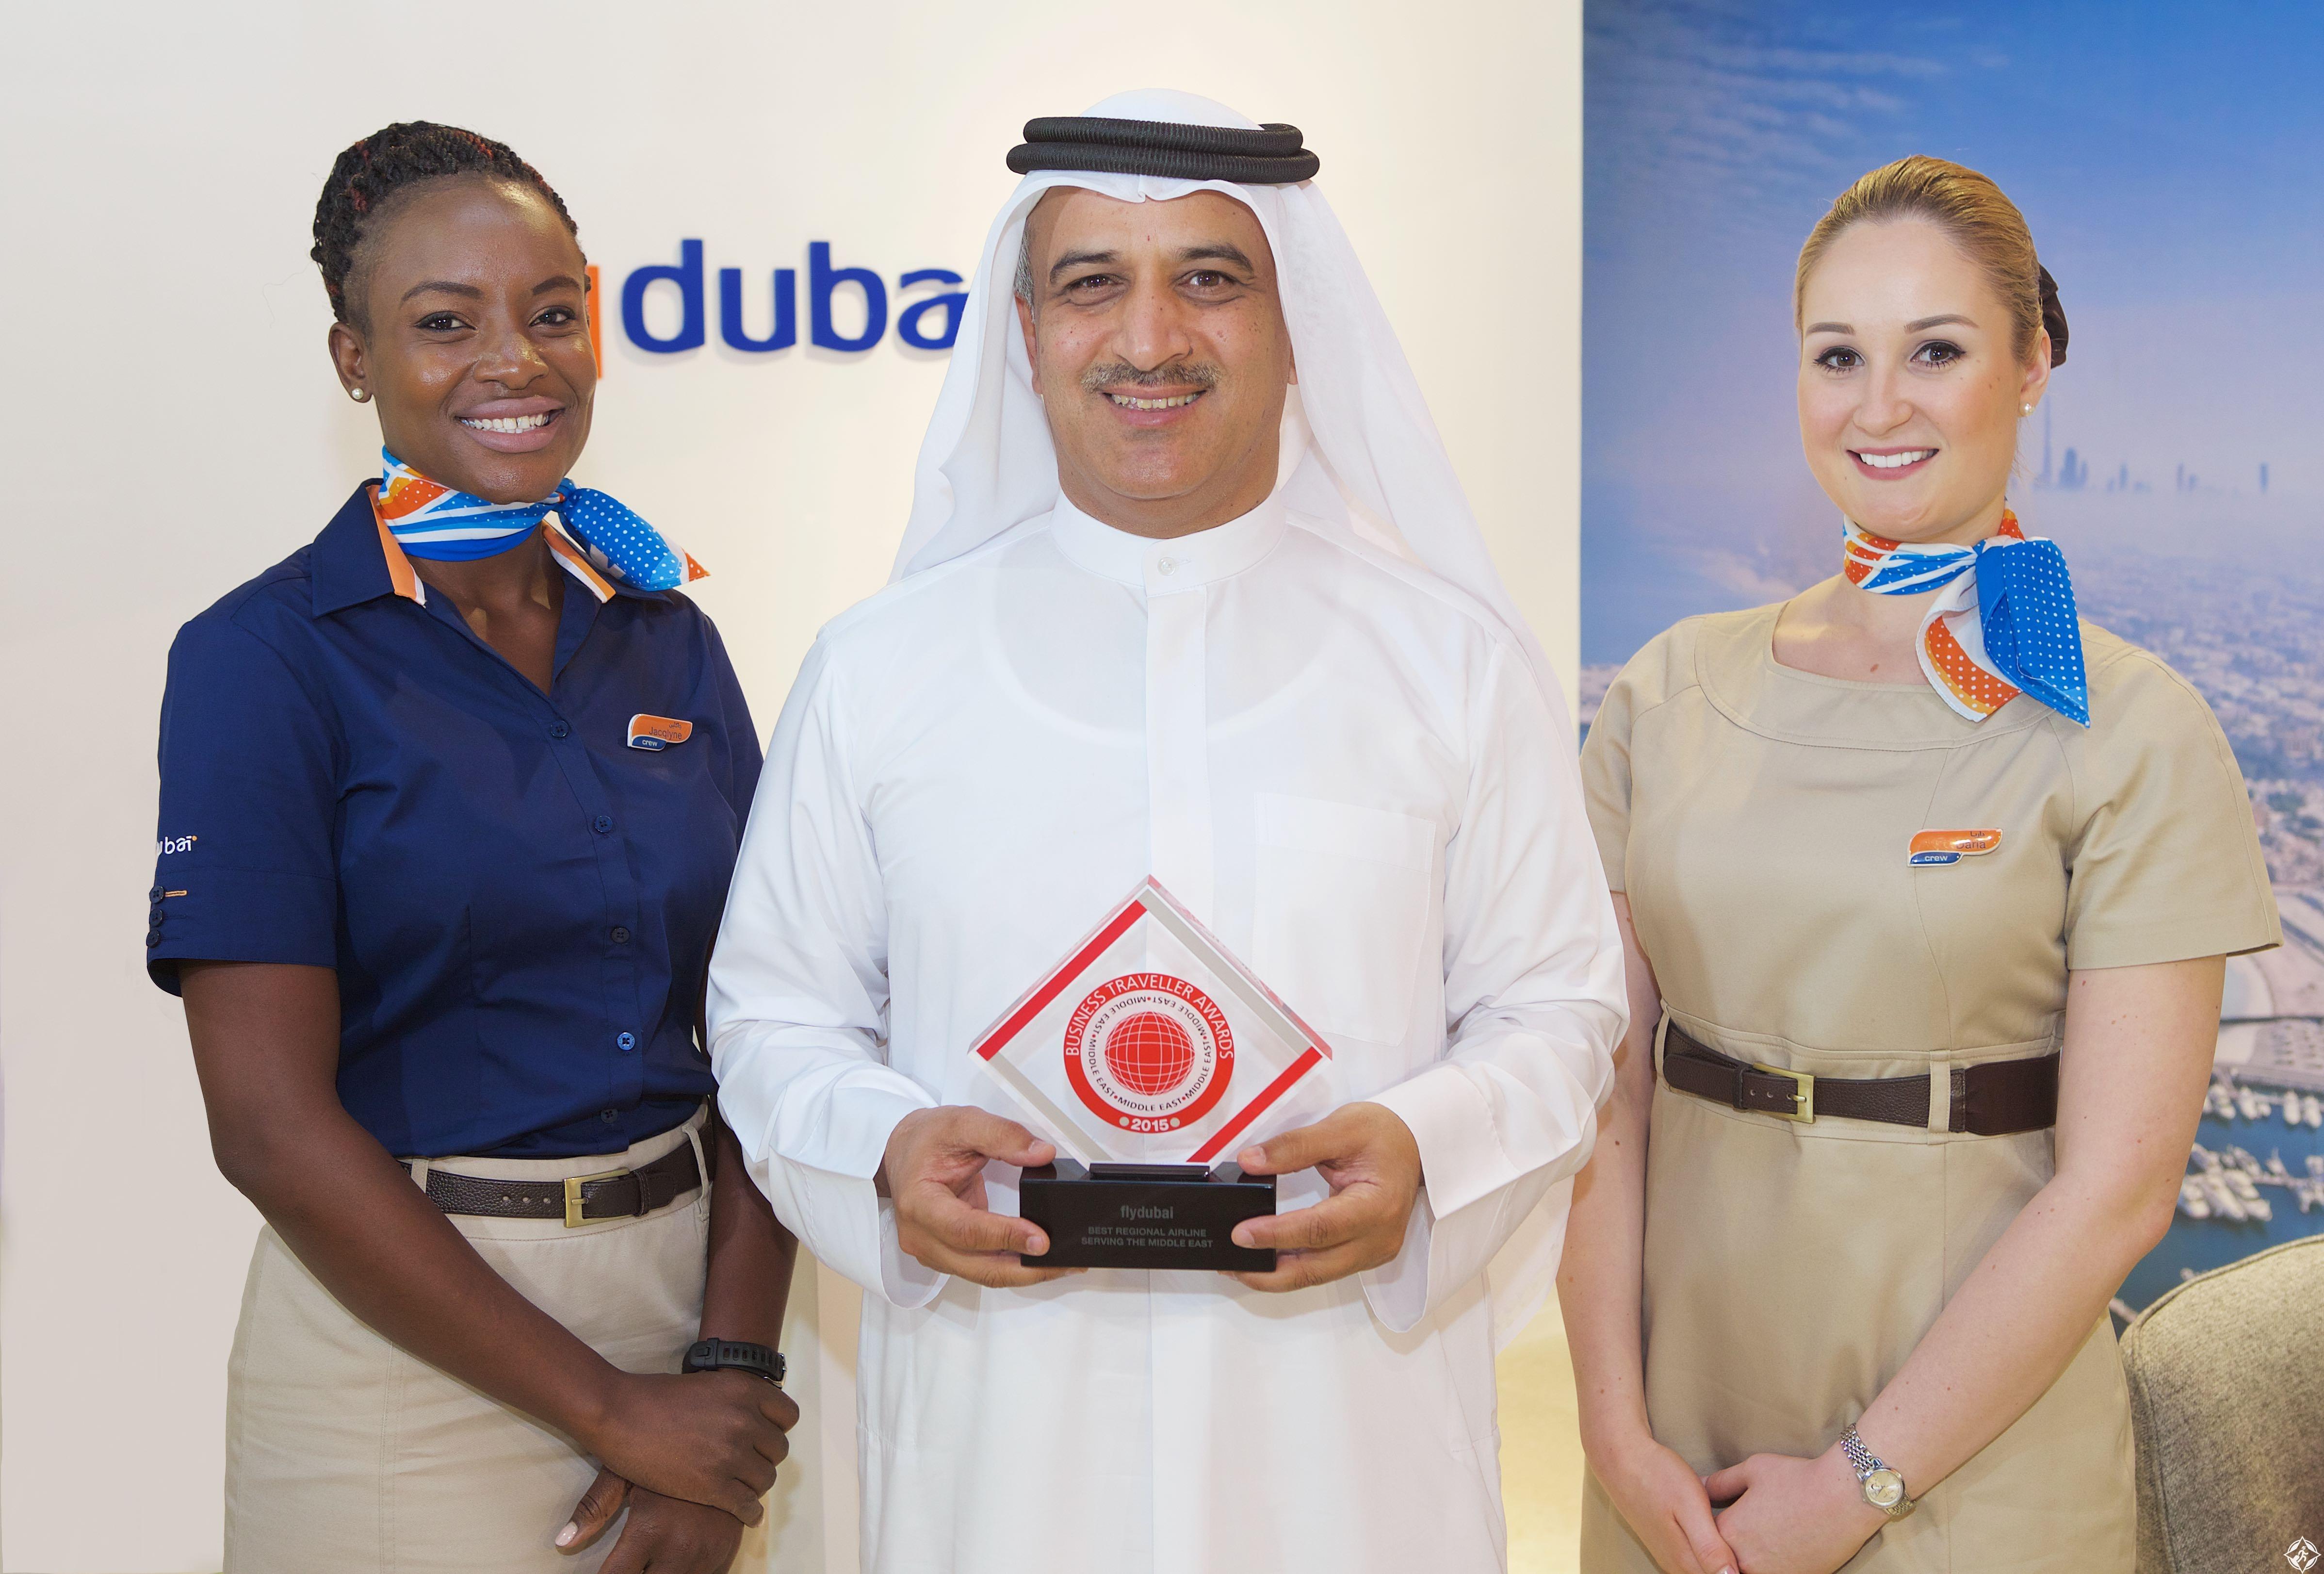 فلاي دبي تحصد جائزة بزنس ترافلر أفضل ناقلة إقليمية